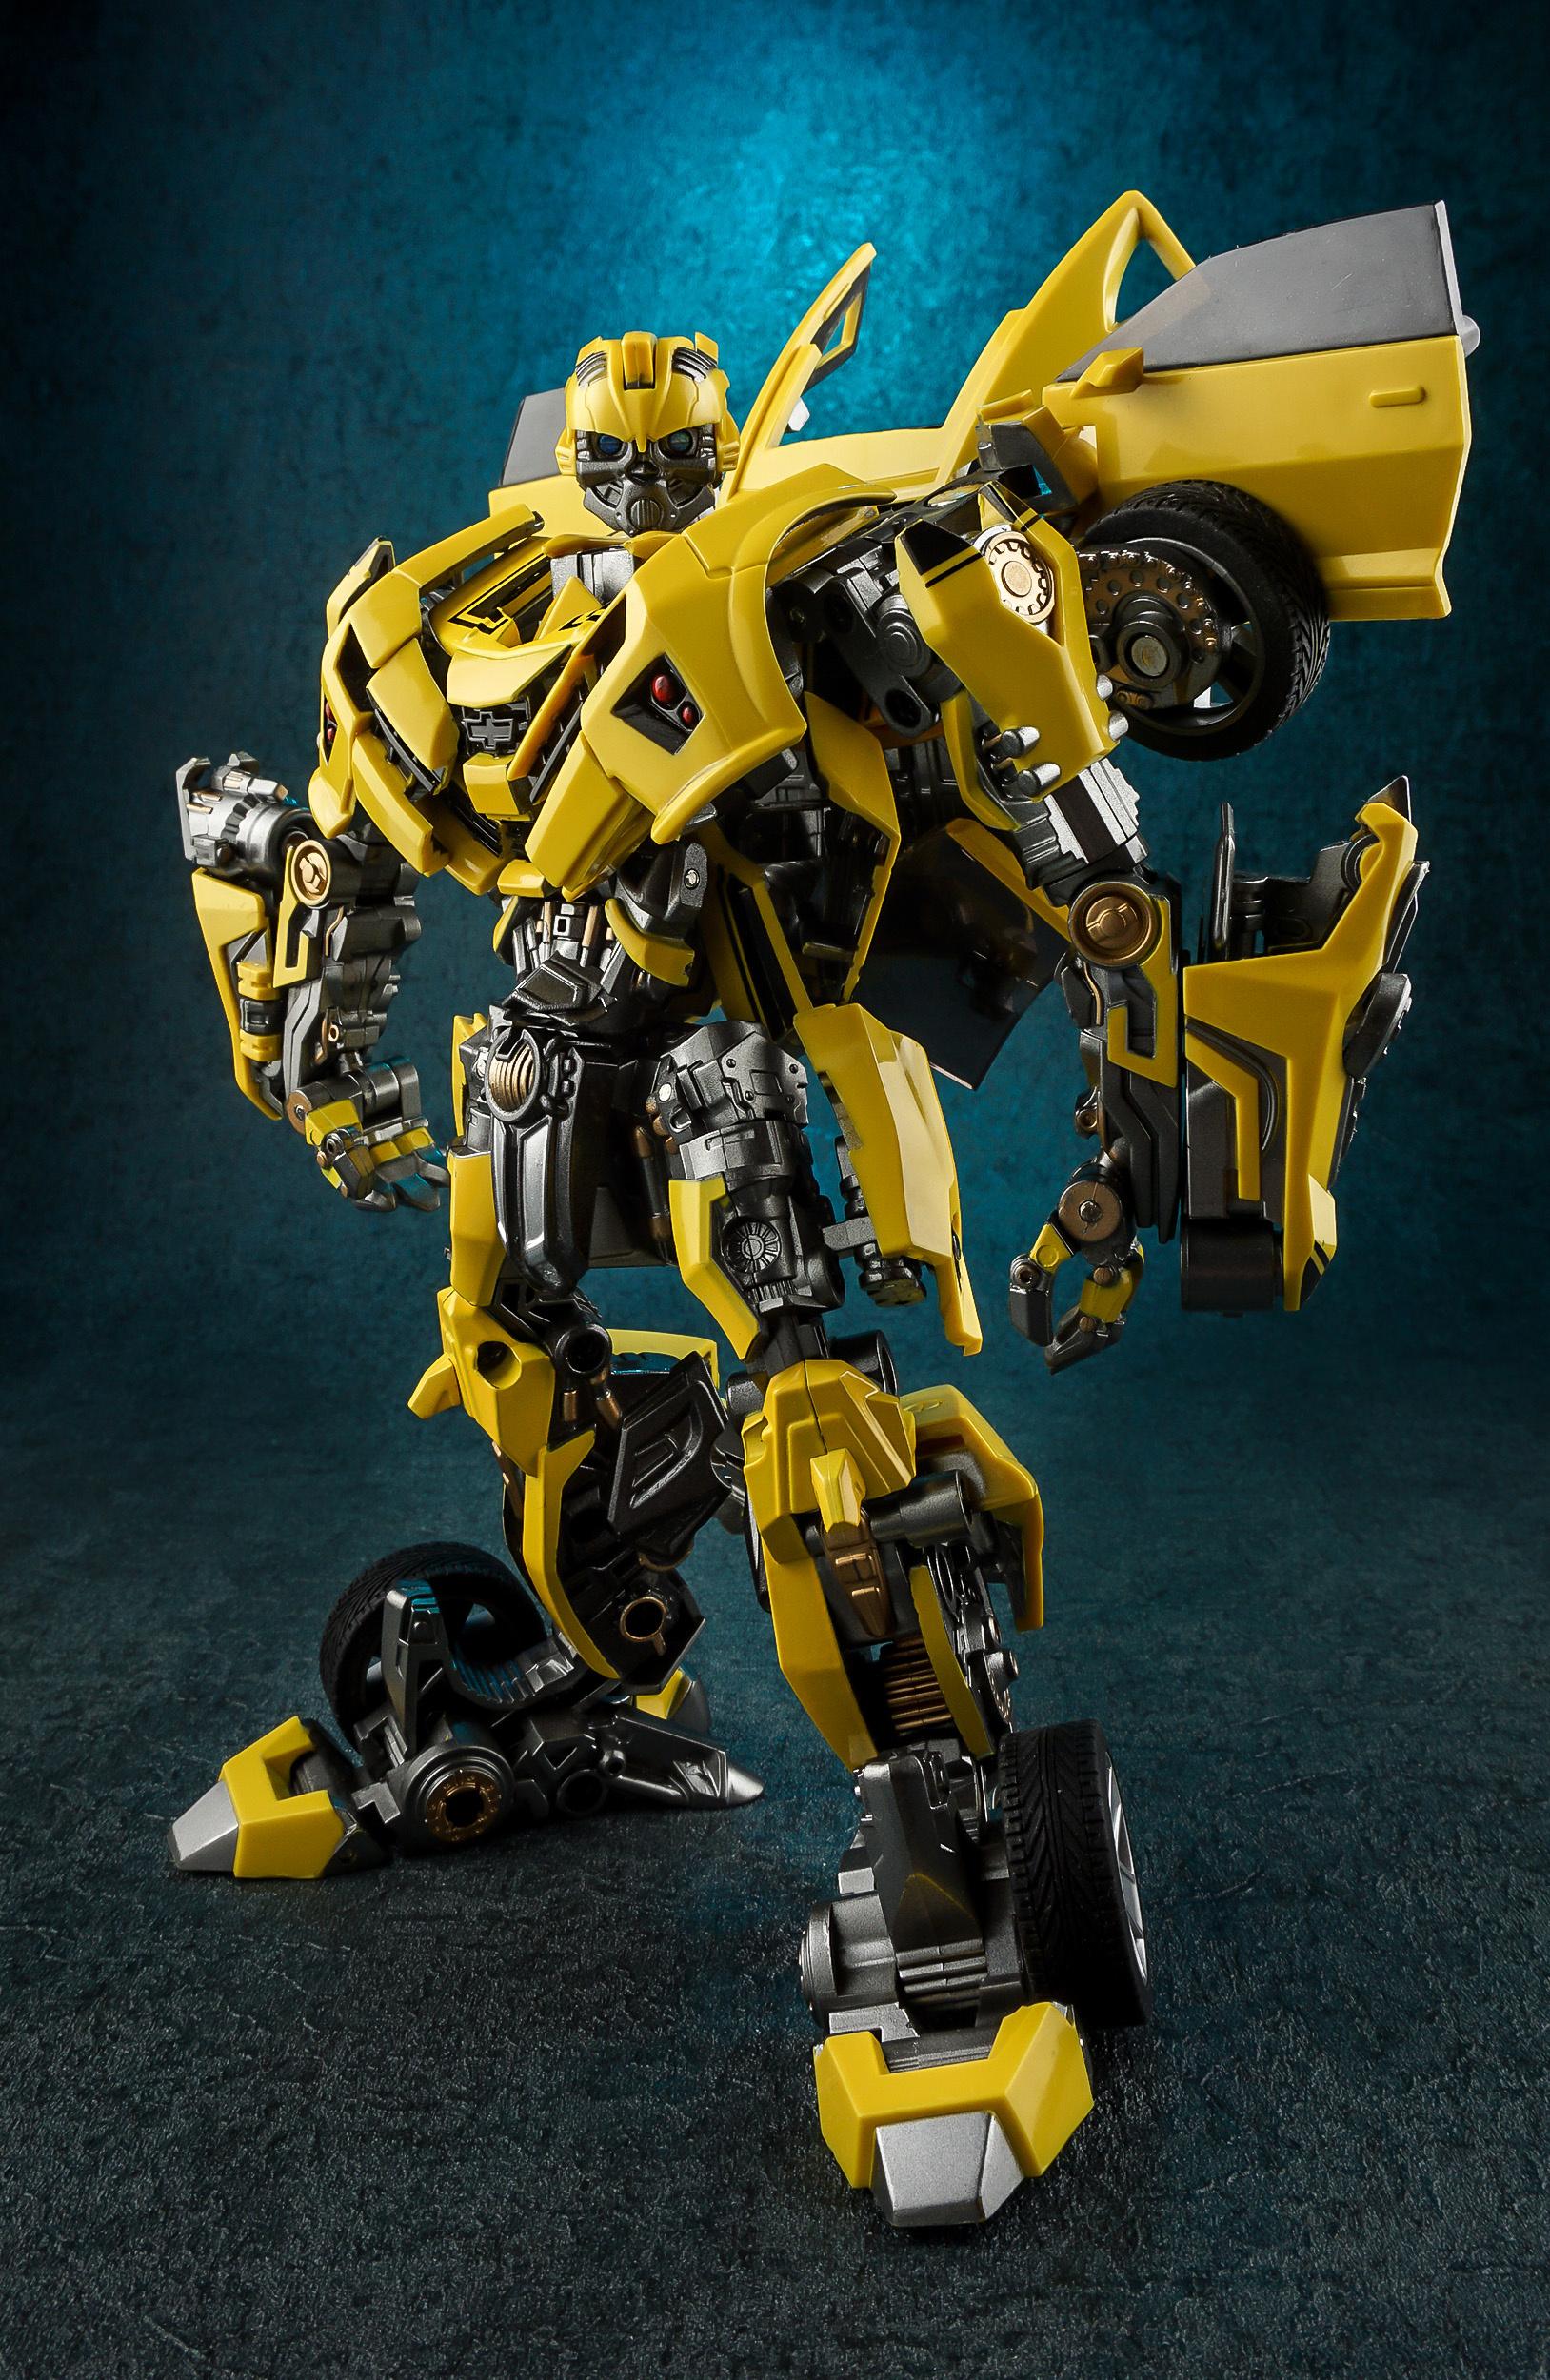 Transformers M03 WEIJIANG WJ Battle Hornet Bumblebee Action Figur Neu